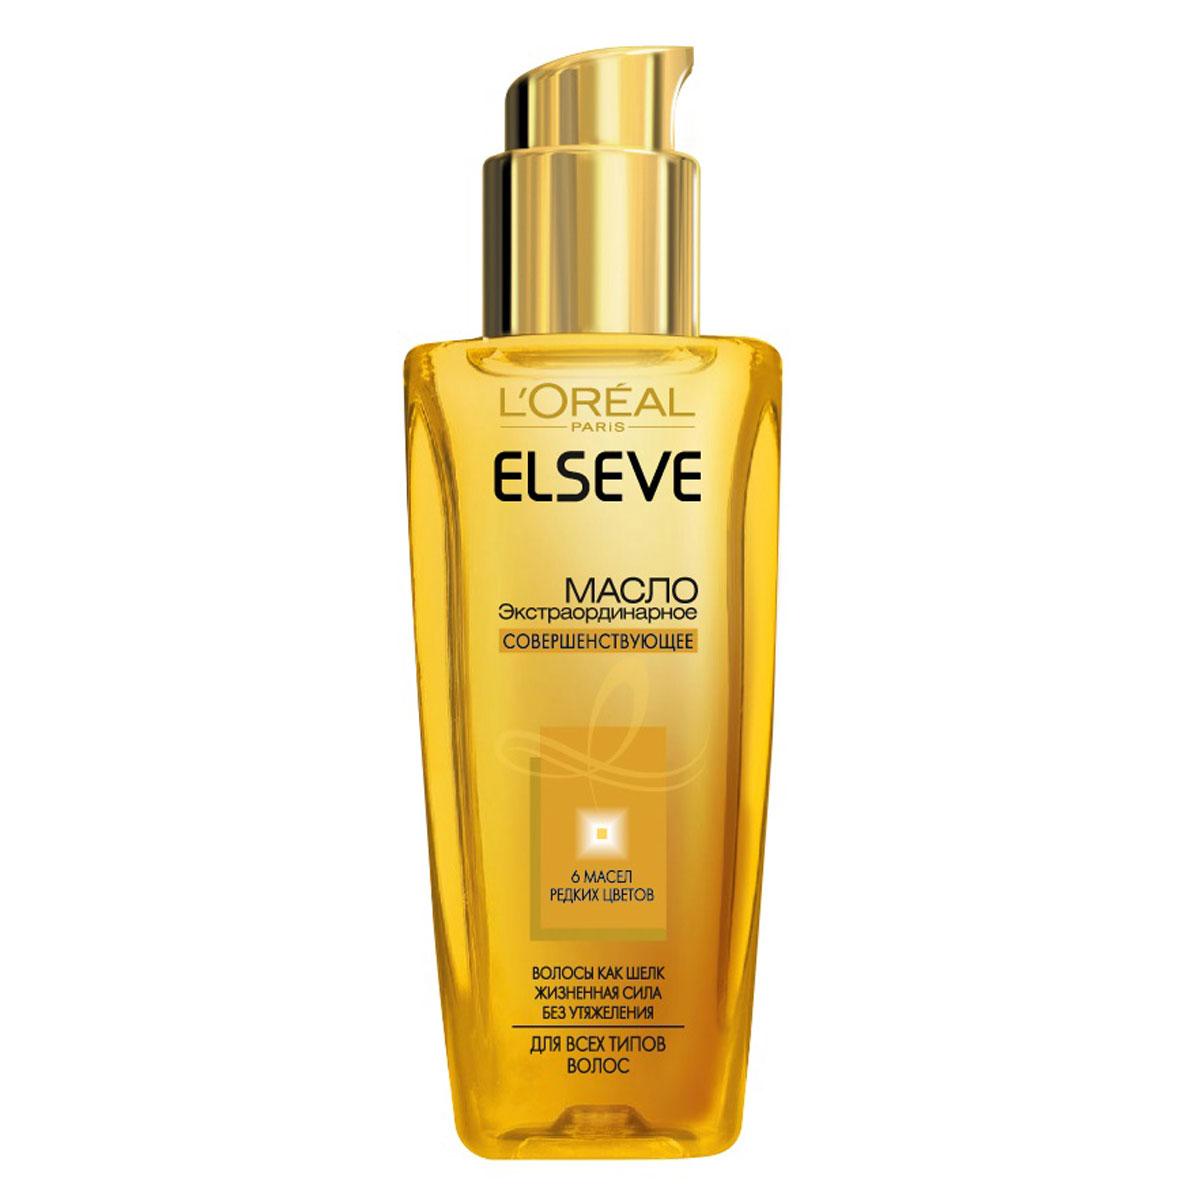 LOreal Paris Масло для волос Elseve, Экстраординарное, для всех типов волос, 100 млA7527602Лаборатории LOreal Paris использовали алхимию 6 масел редких цветов, чтобы создать Экстраординарное Масло Elseve - свой лучший инновационный уход, превращающий любые волосы в совершенную материю и защищающий их от агрессивного воздействия внешней среды. Его насыщенная нежирная формула с 6 маслами (Лотос, цветок Тиаре, Роза, Нивяник, Ромашка, семена Льна) адаптируется к каждому типу волос, глубоко питая, придавая им живительную силу и ослепительный блеск без утяжеления. Легкий восточный аромат с древесными и экзотическими нотками превращает использование Экстраординарного Масла Elseve в незабываемое чувственное удовольствие, окутывая ваши волосы изысканным опьяняющим благоуханием.